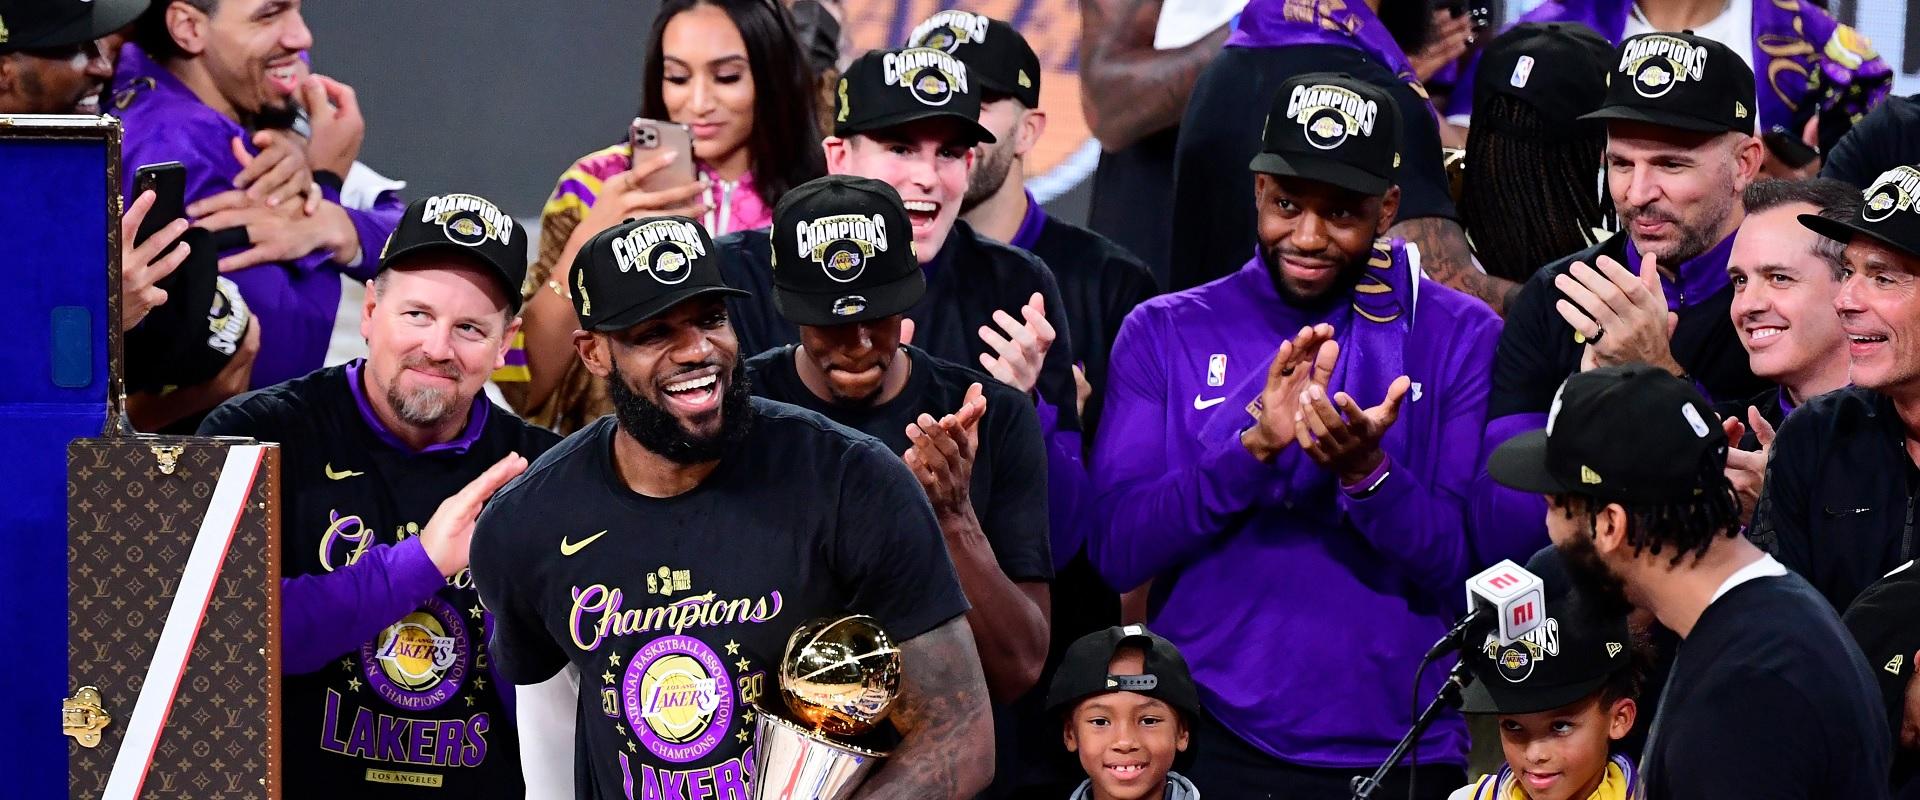 2020 - UM ANO POSITIVO PARA A NBA COMO QUASE NENHUM OUTRO